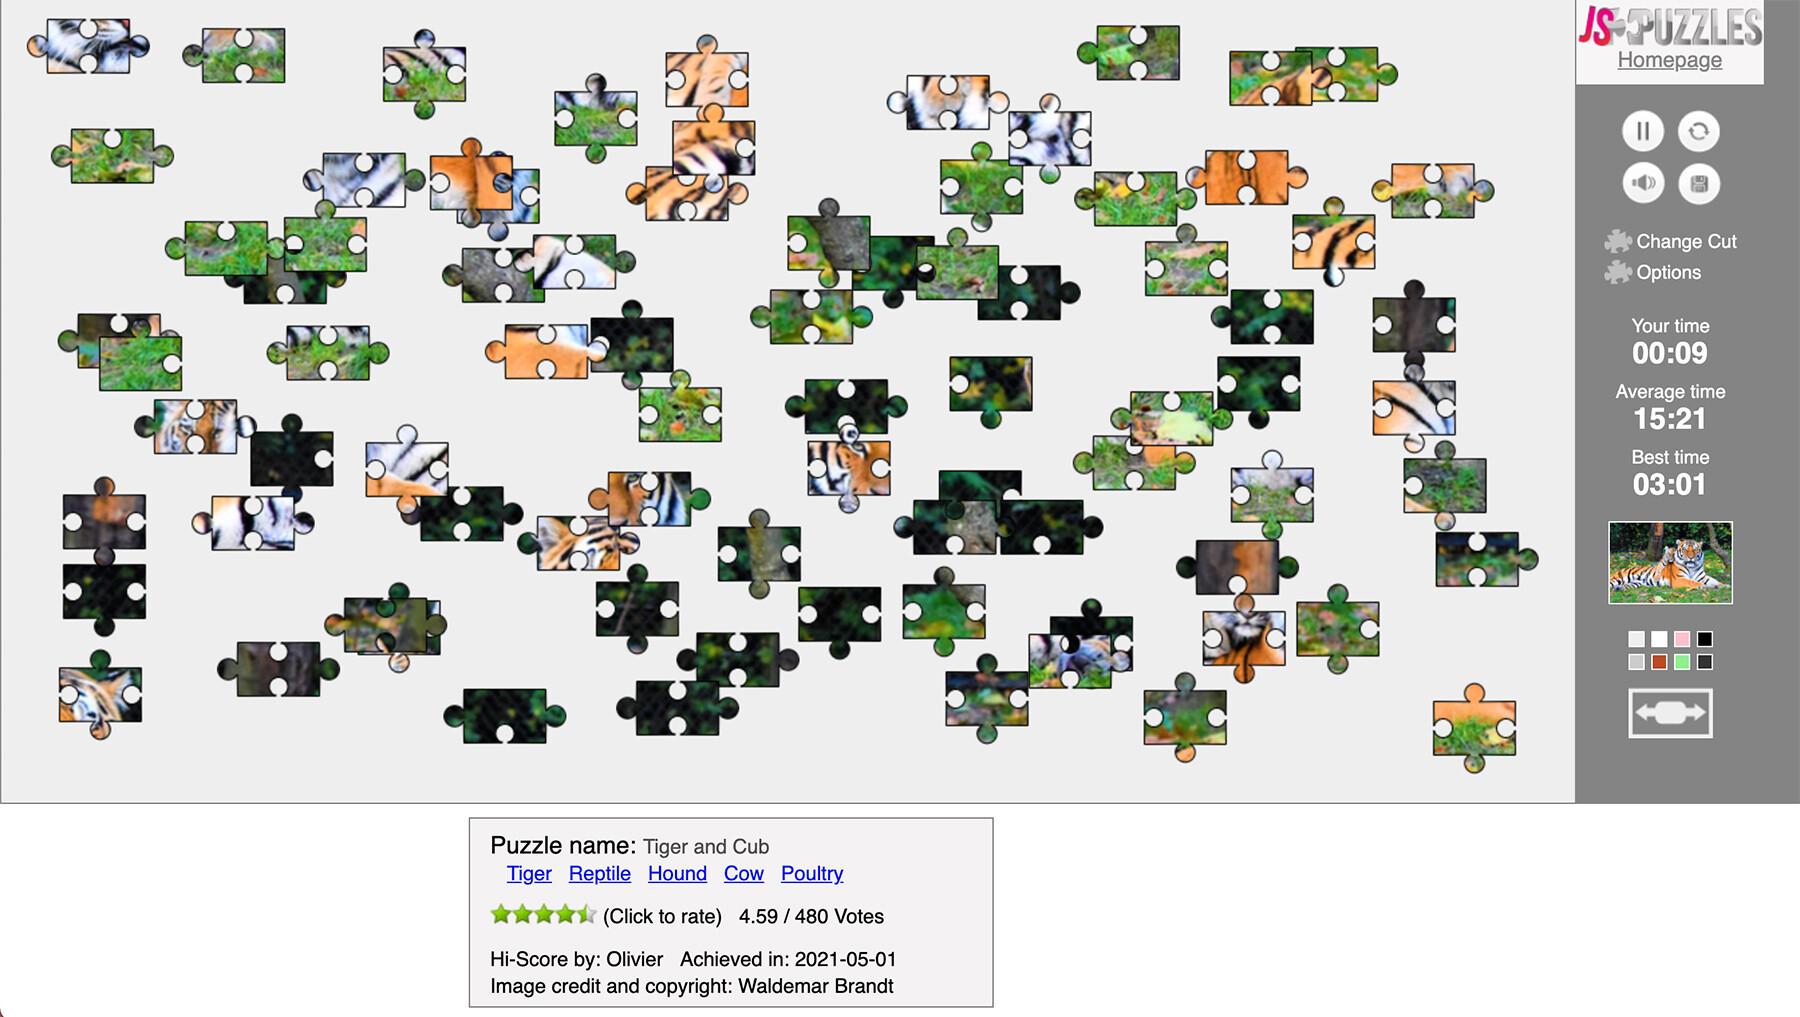 jspuzzles